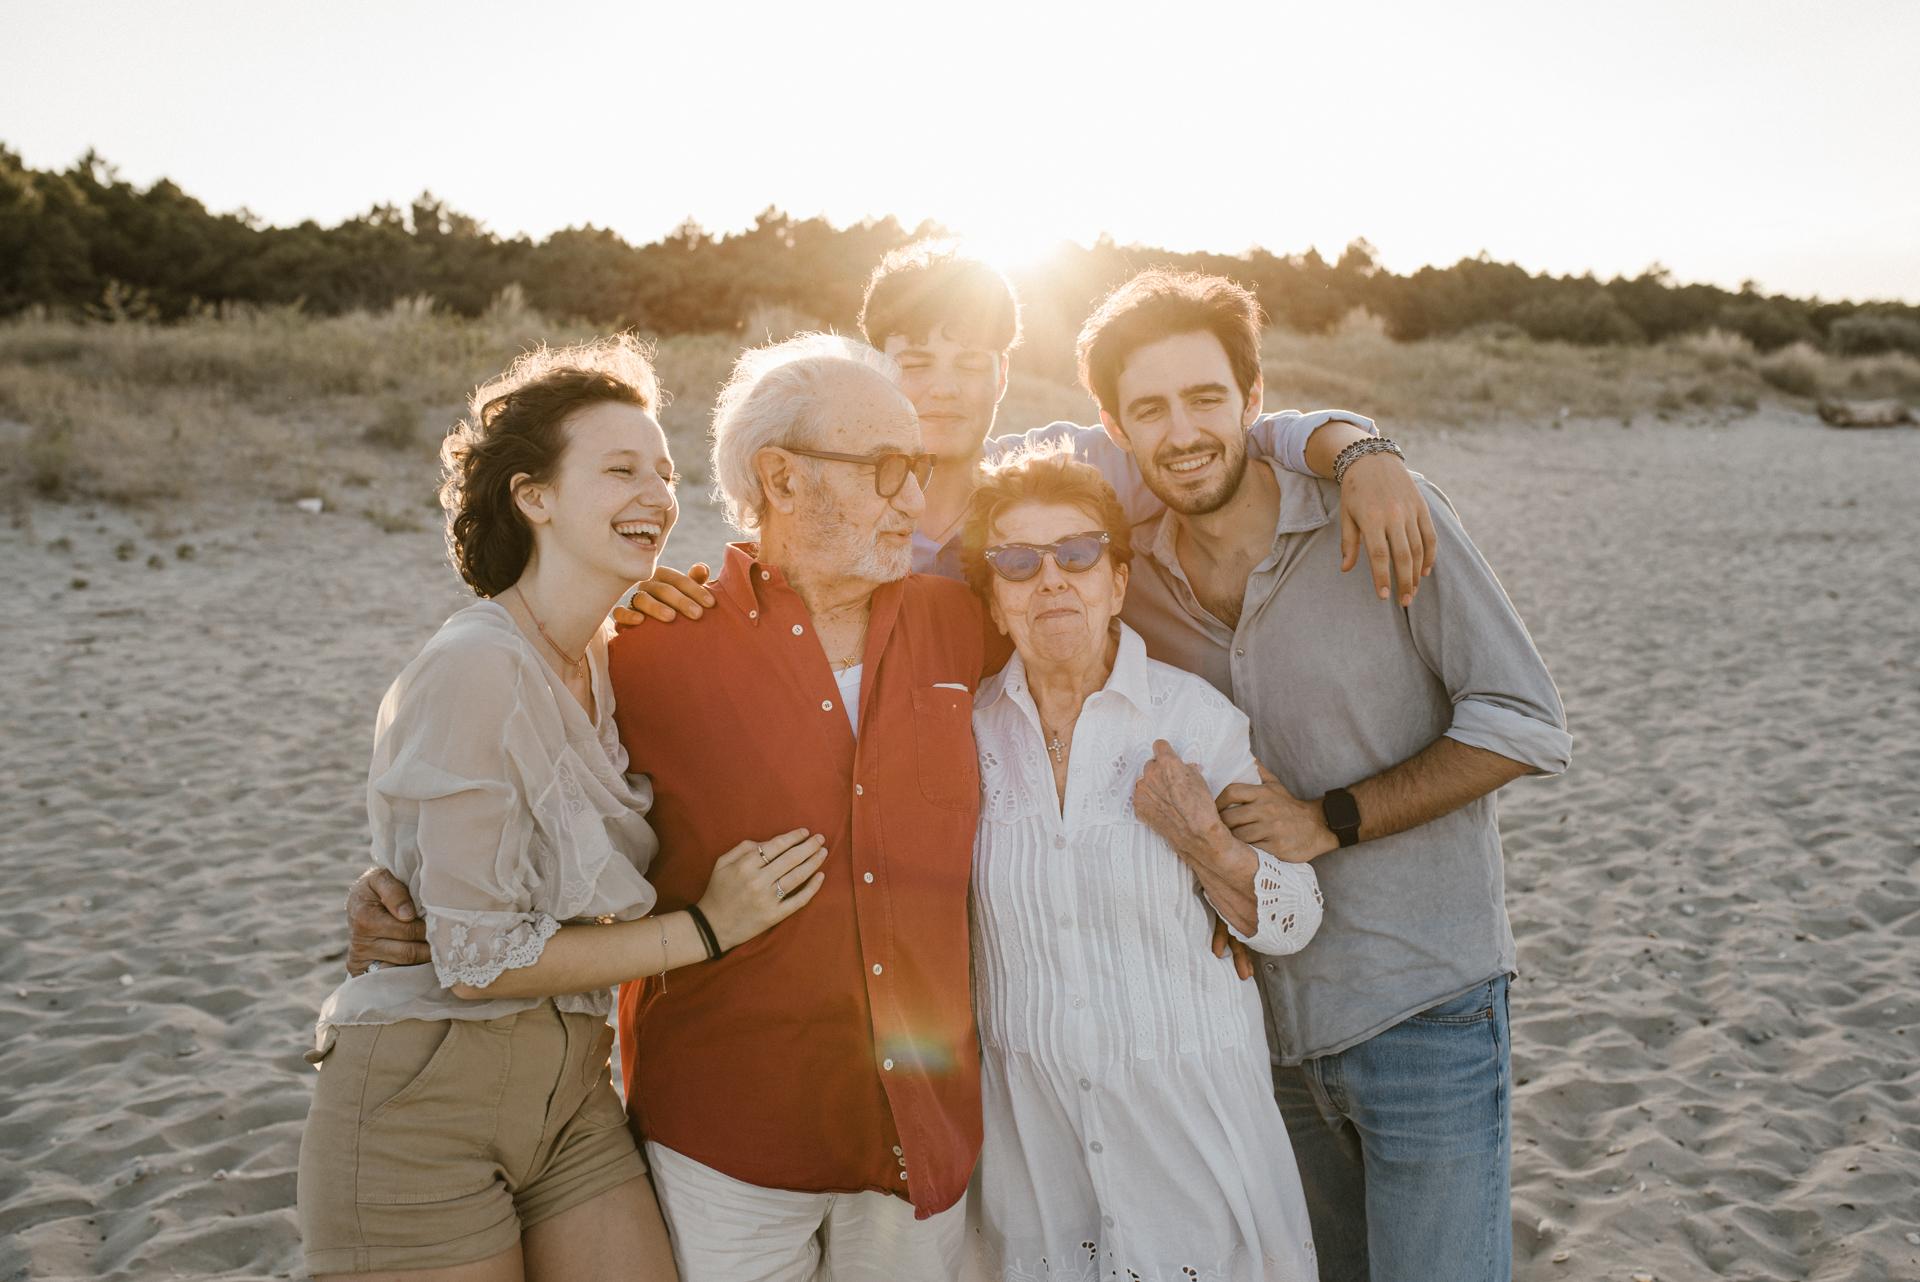 fotografa-famiglia-mare-09